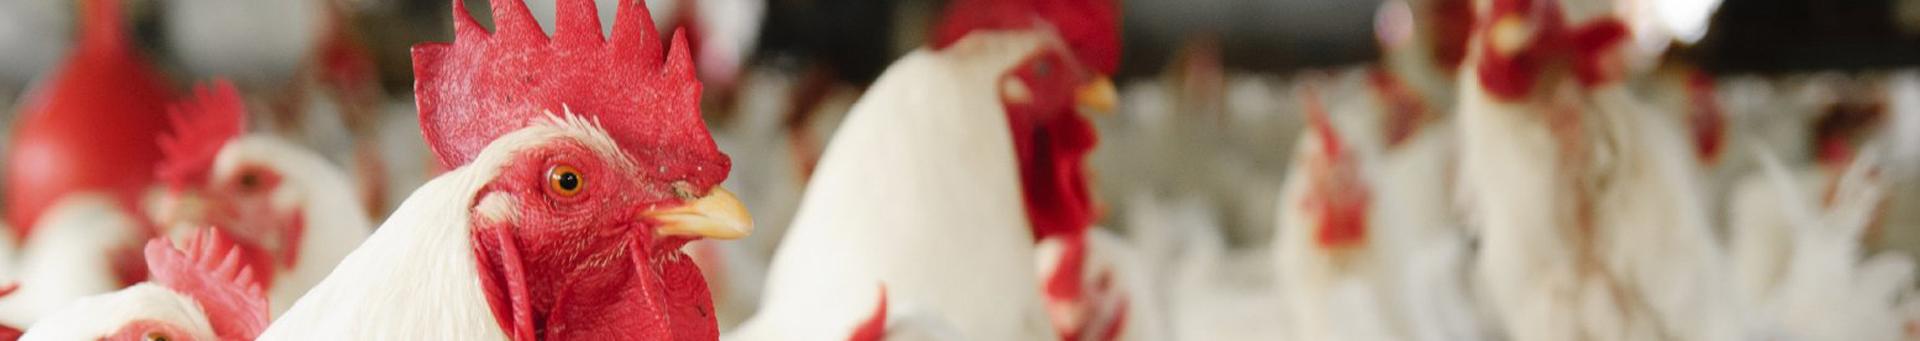 chickens_1920x340.jpg